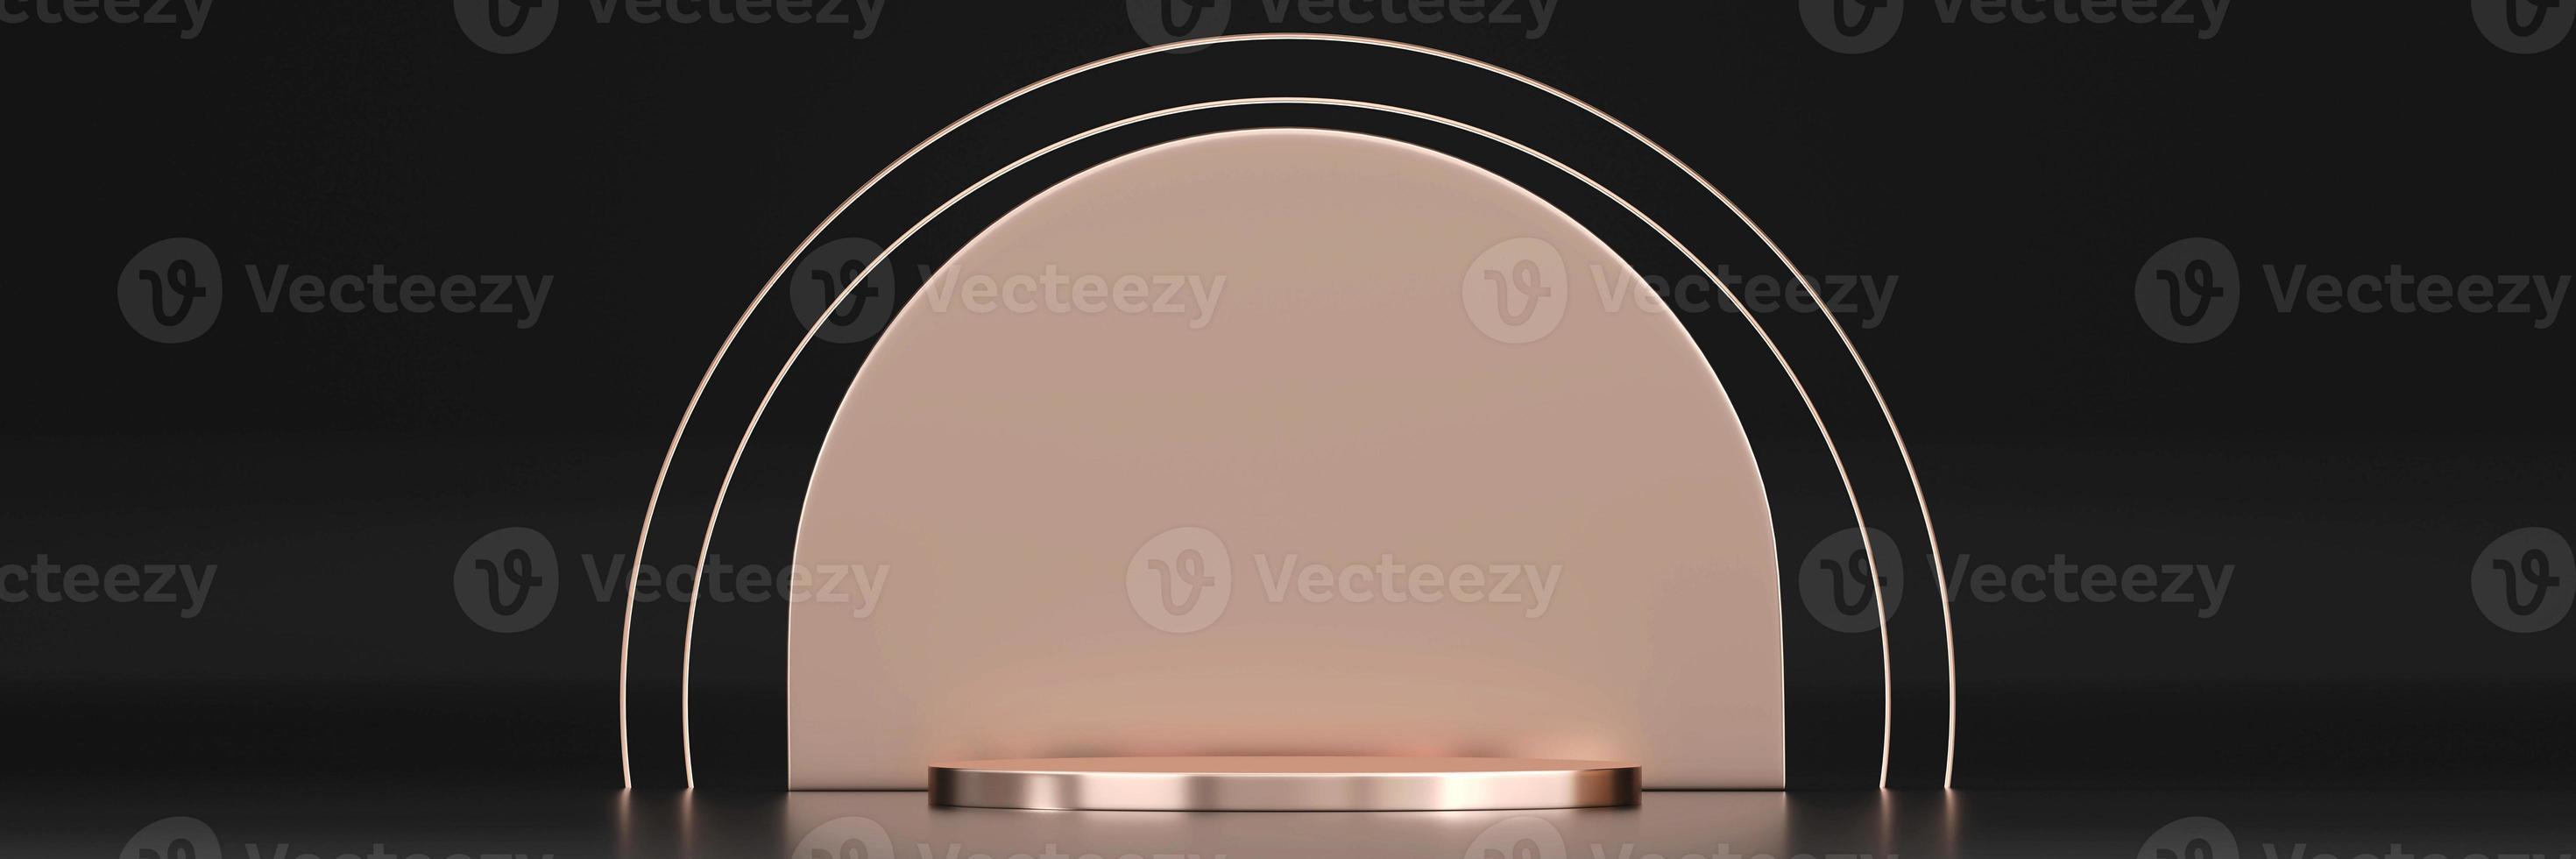 maqueta de plataforma de podio de escenario para exhibición de productos foto